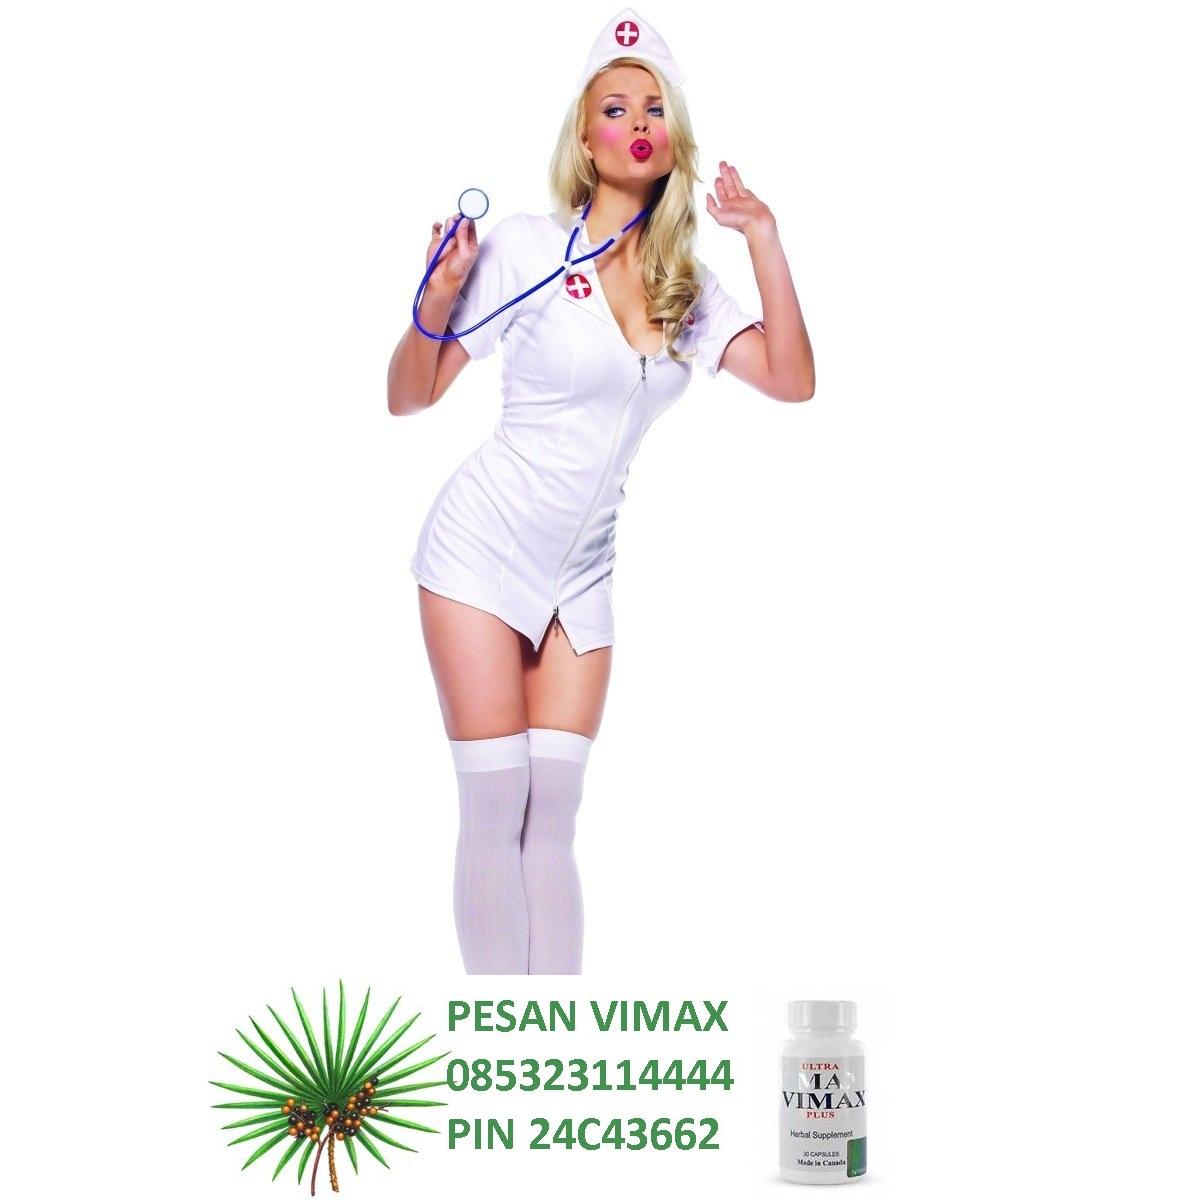 deposit photo vimaxbanten com